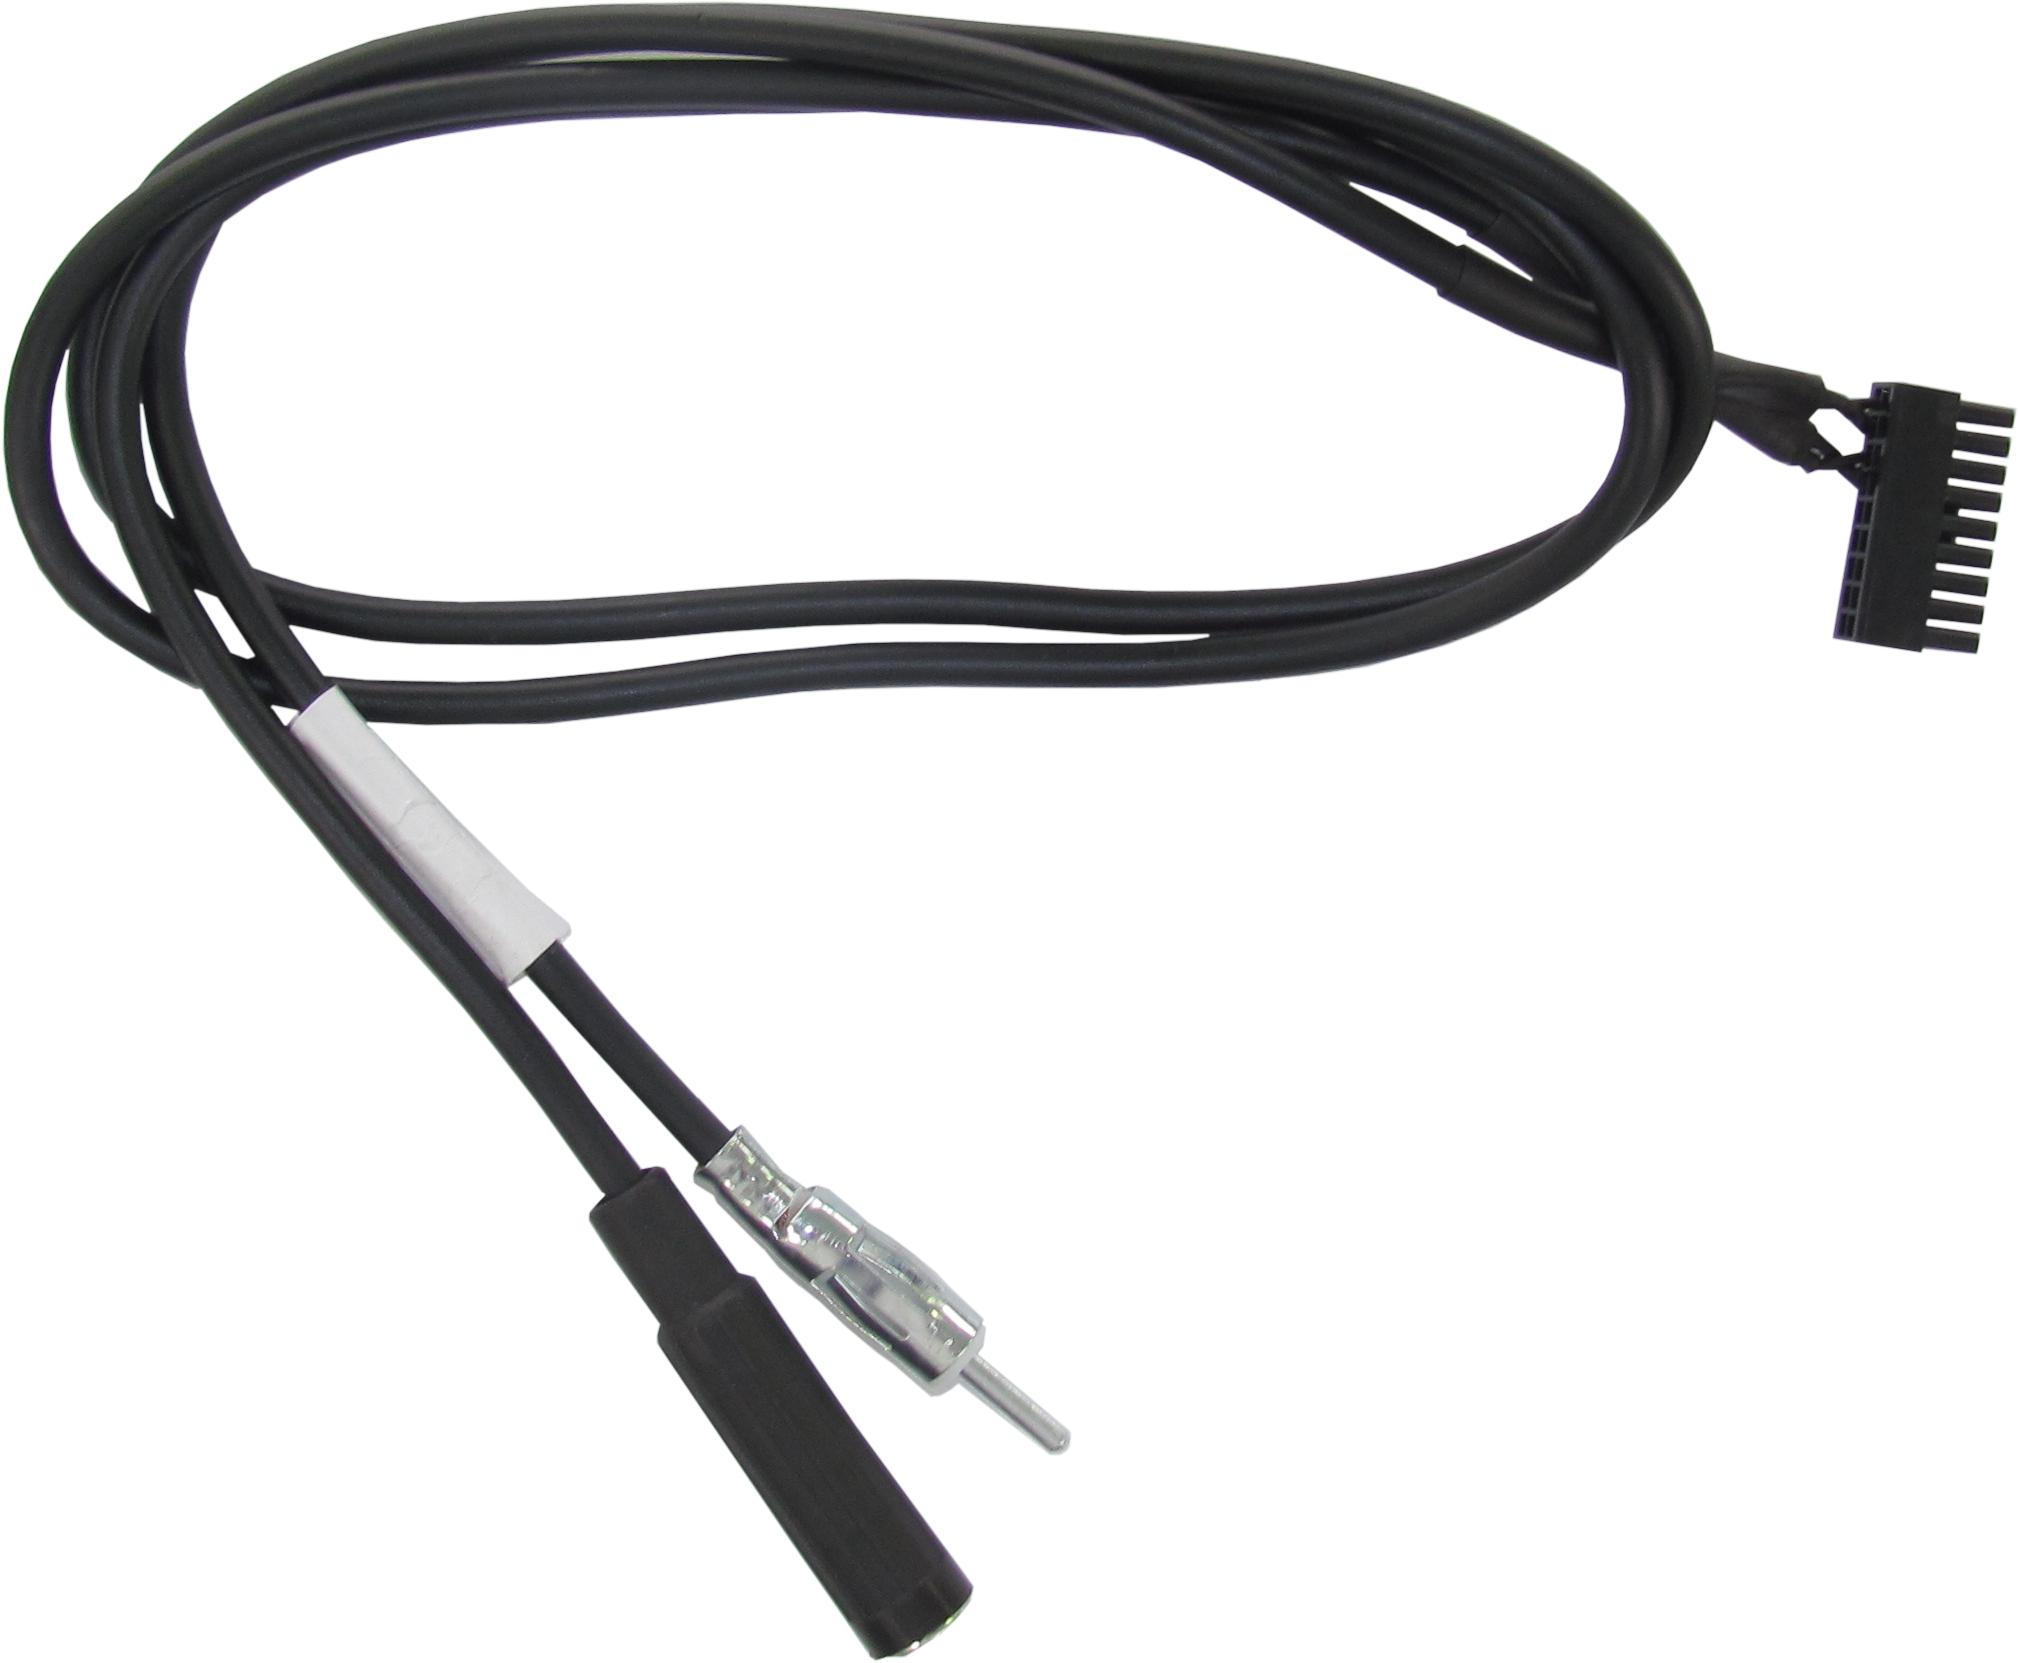 Antennadater DIN - MediaDAB